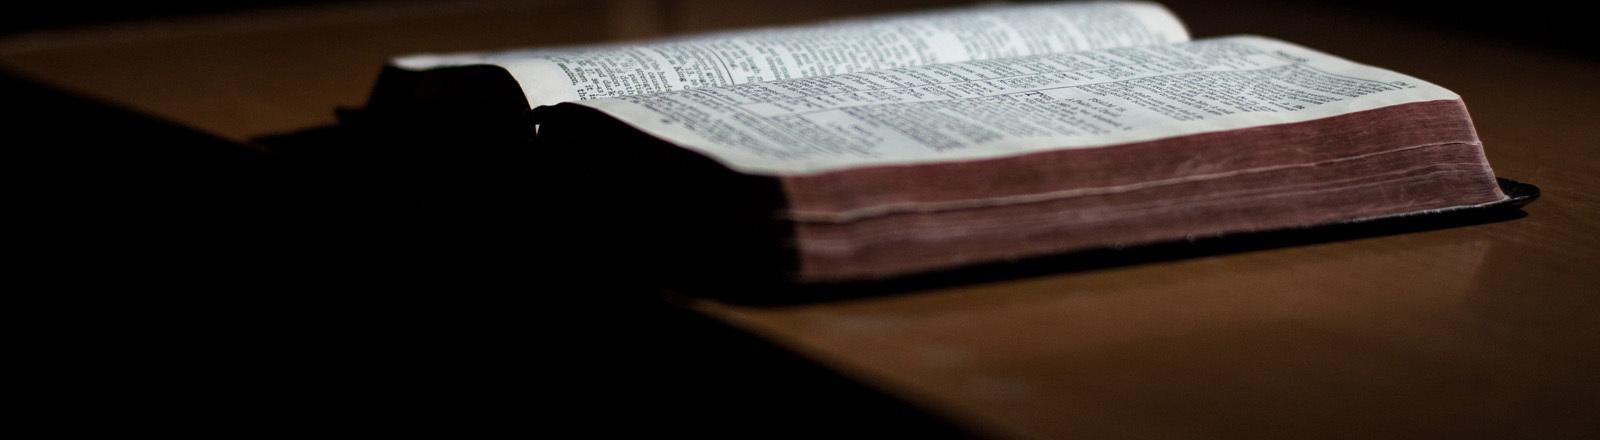 Eine aufgeschlagene Bibel auf dem Tisch